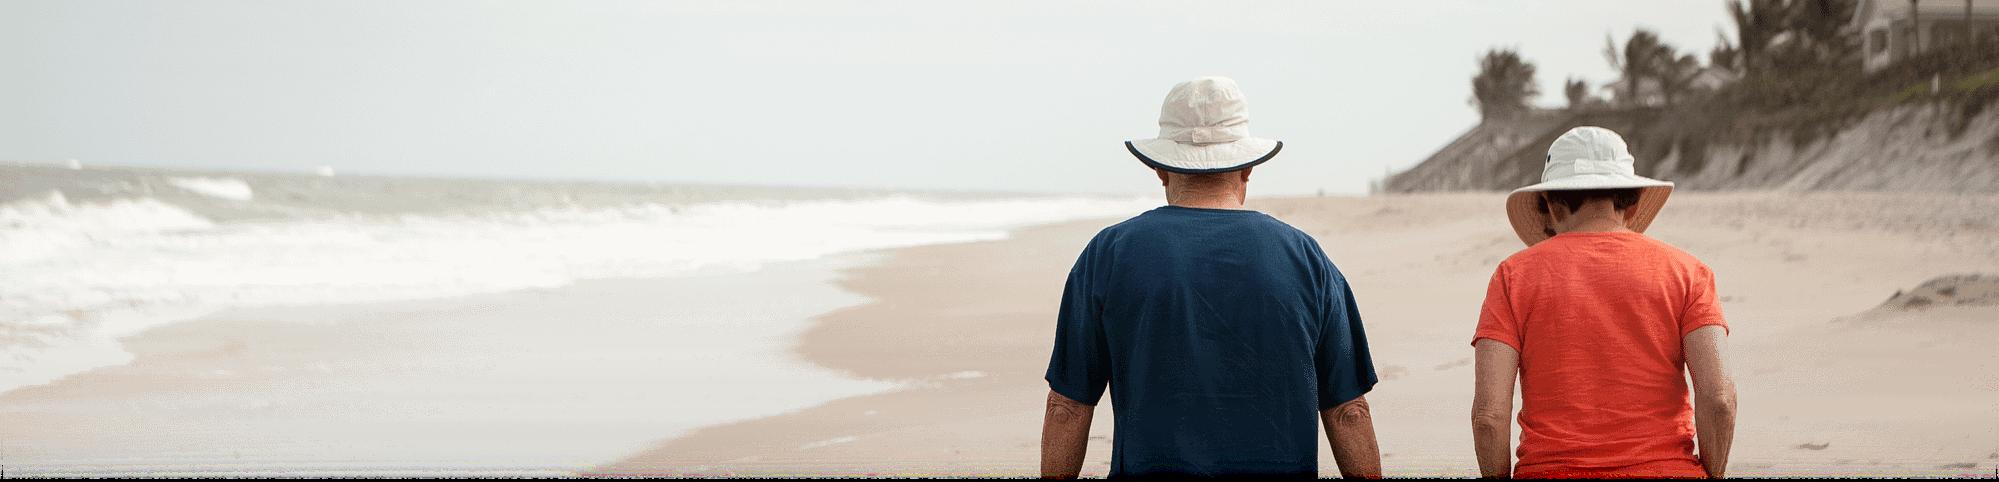 Jubiliz - Facilitez la retraite de vos collaborateurs en entreprise